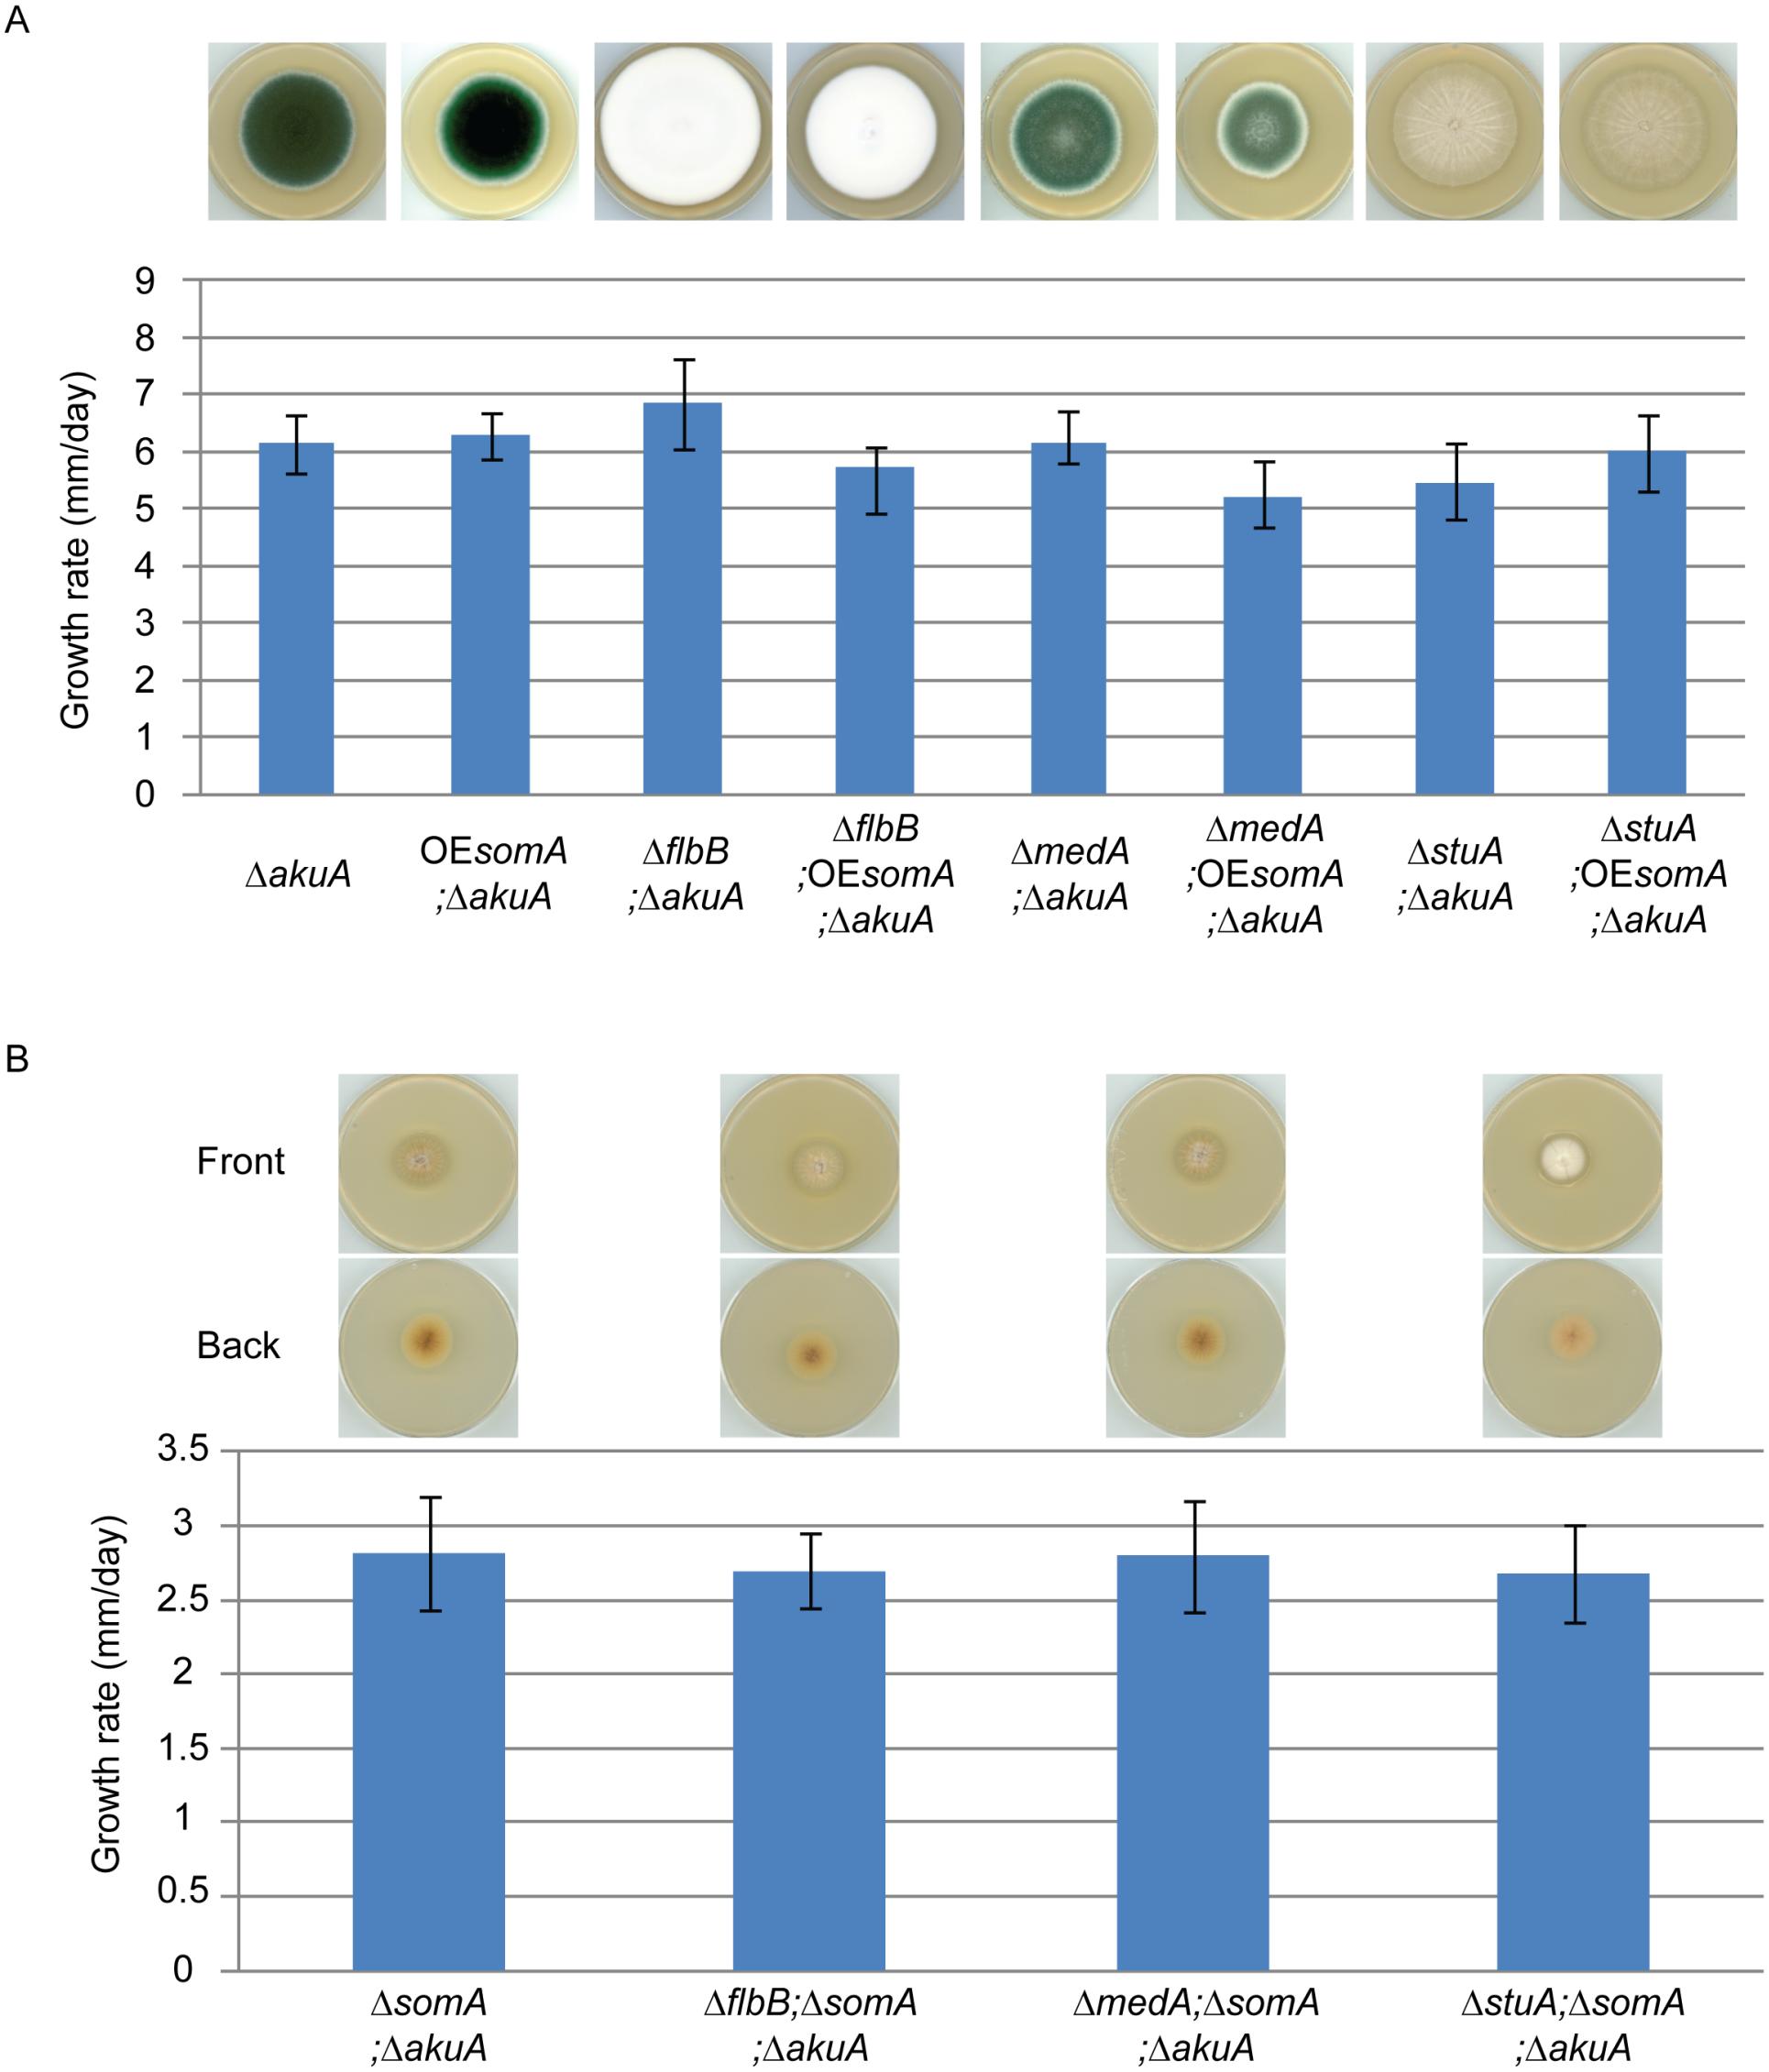 SomA acts upstream of <i>flbB</i>, <i>medA</i> and <i>stuA</i> genes.